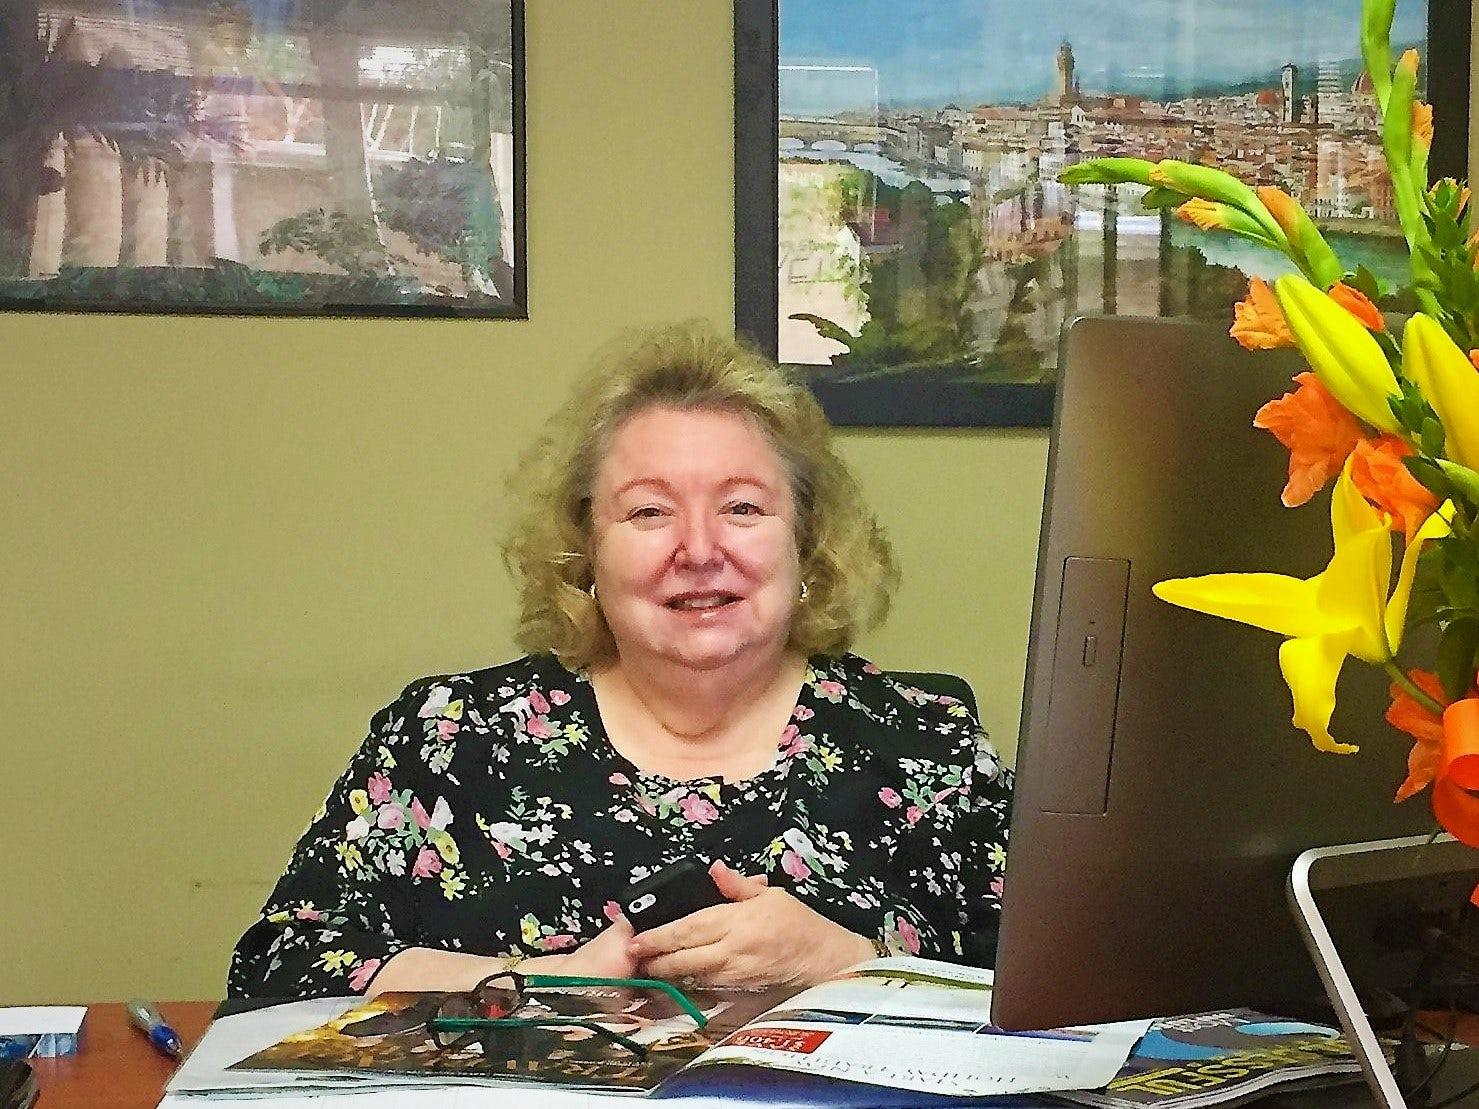 Lynn Rueff